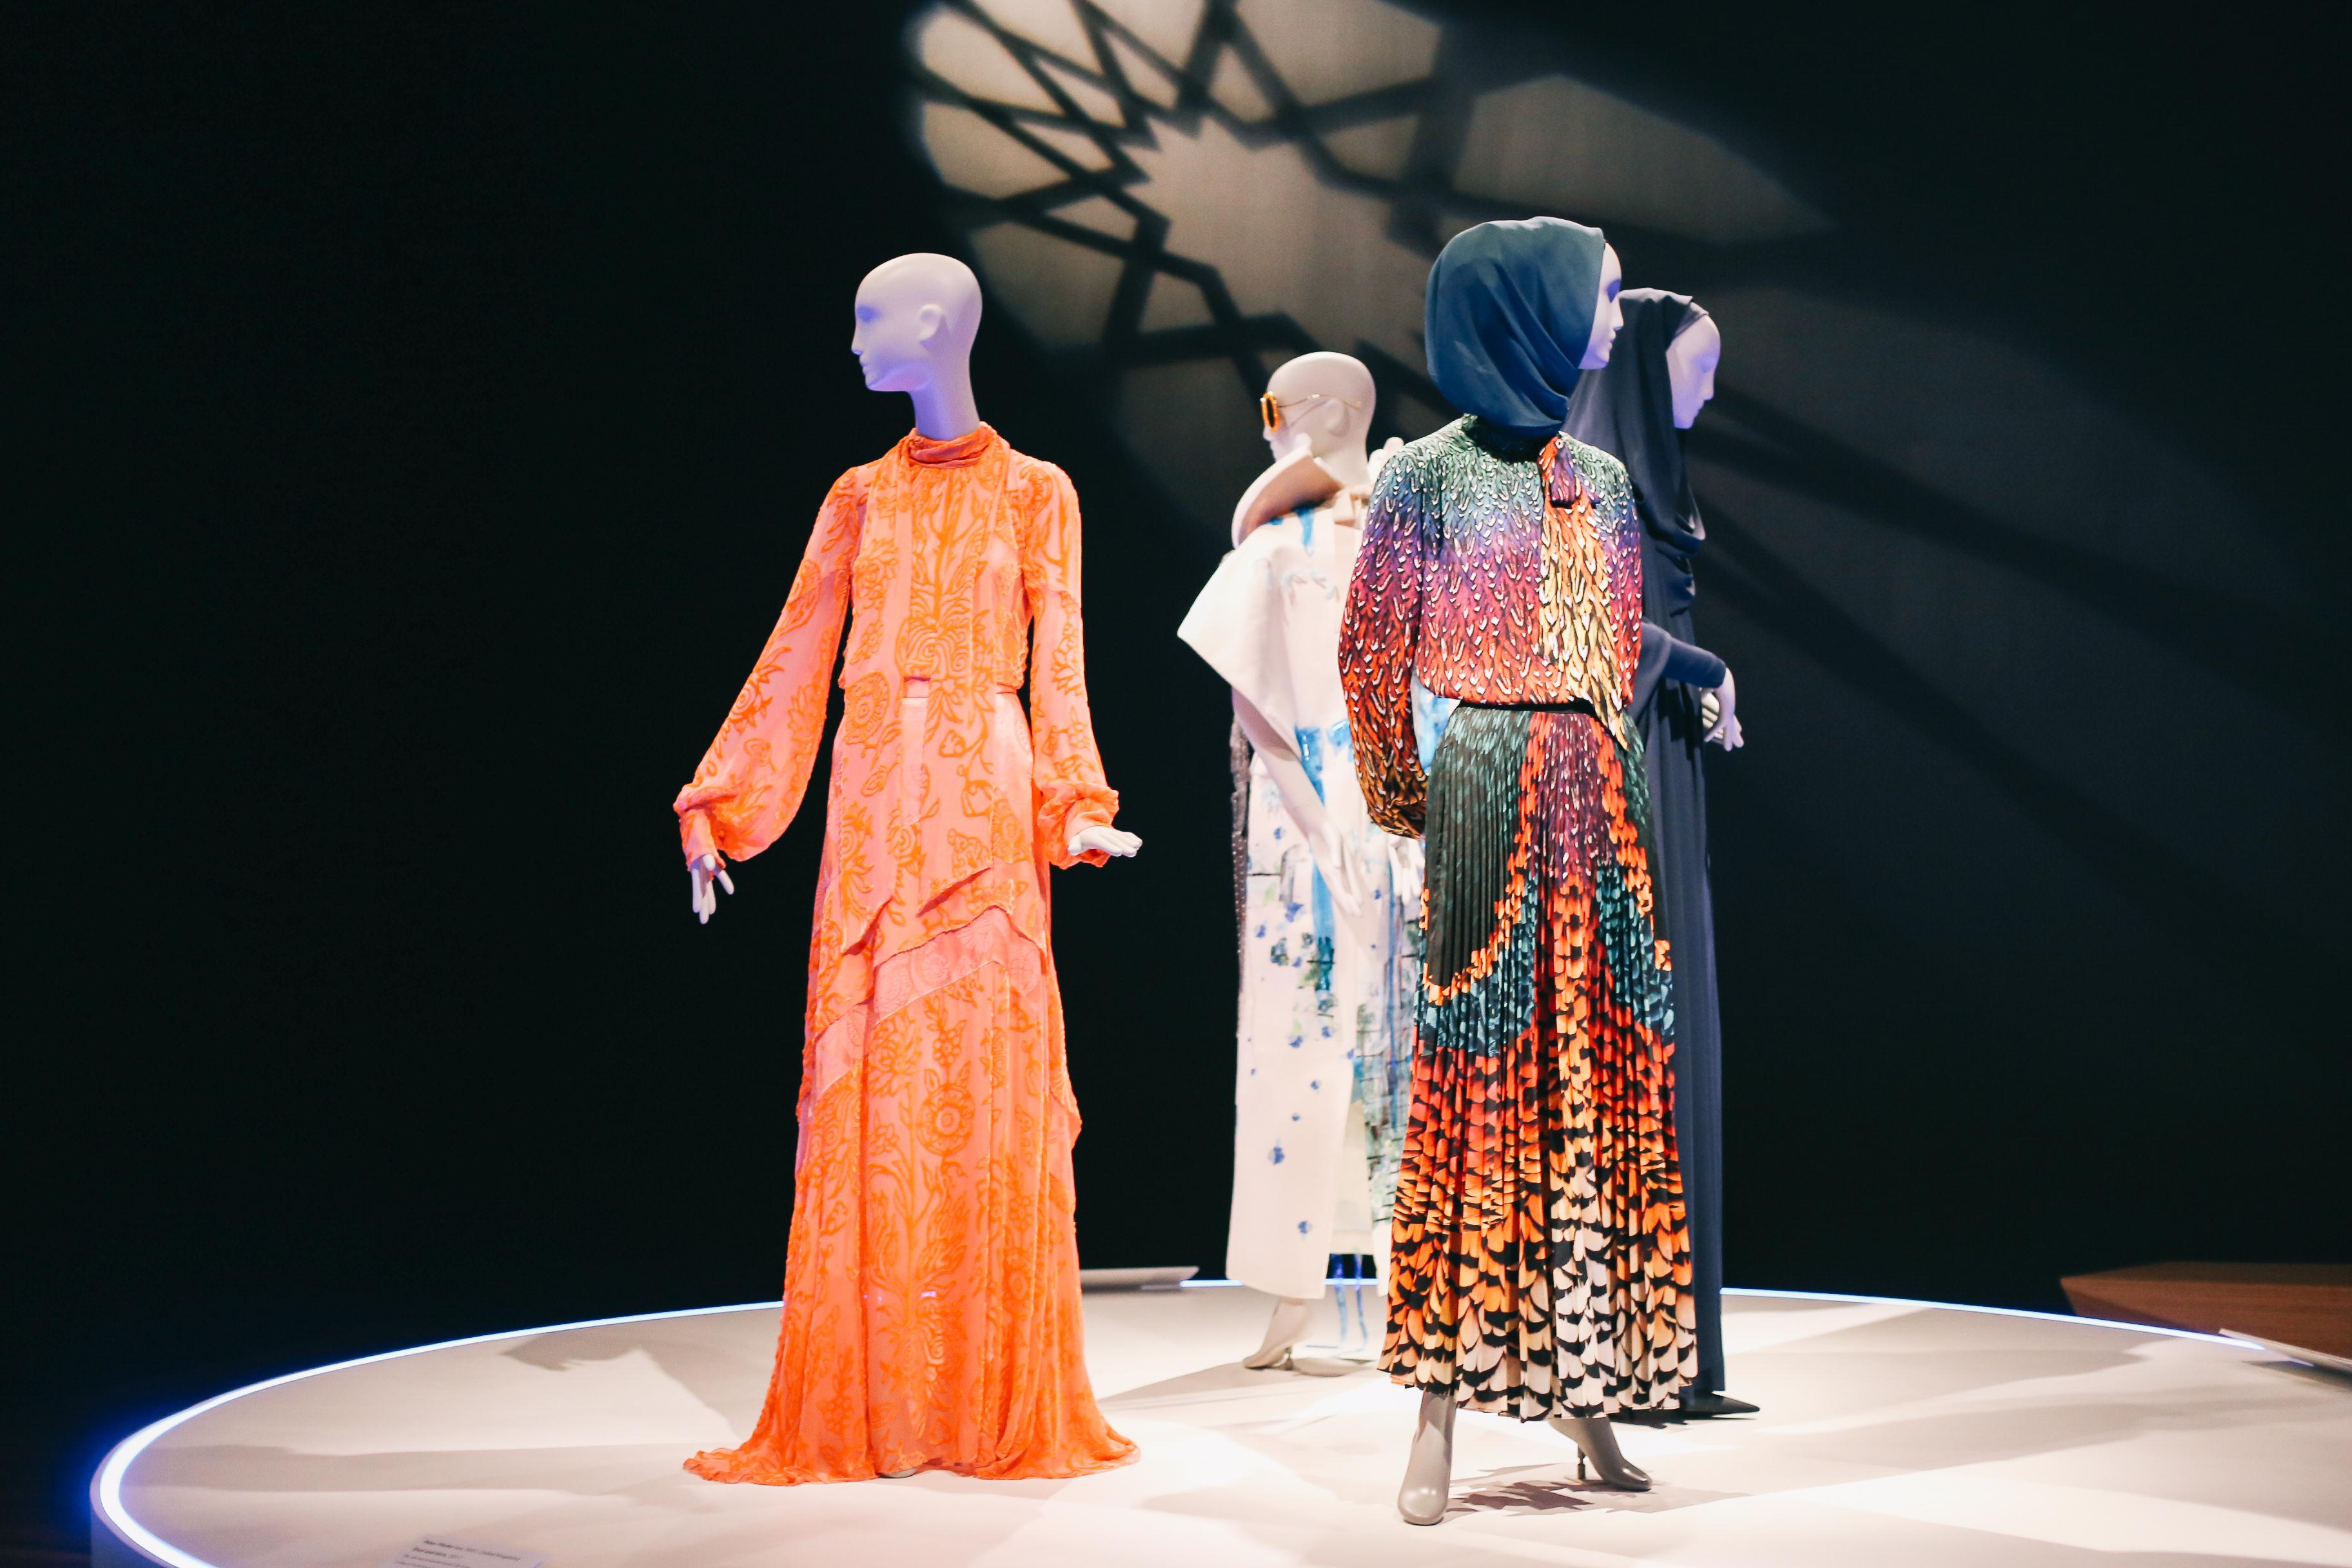 Conversation Piece San Francisco S De Young Museum Celebrates Contemporary Muslim Fashions Artnews Com